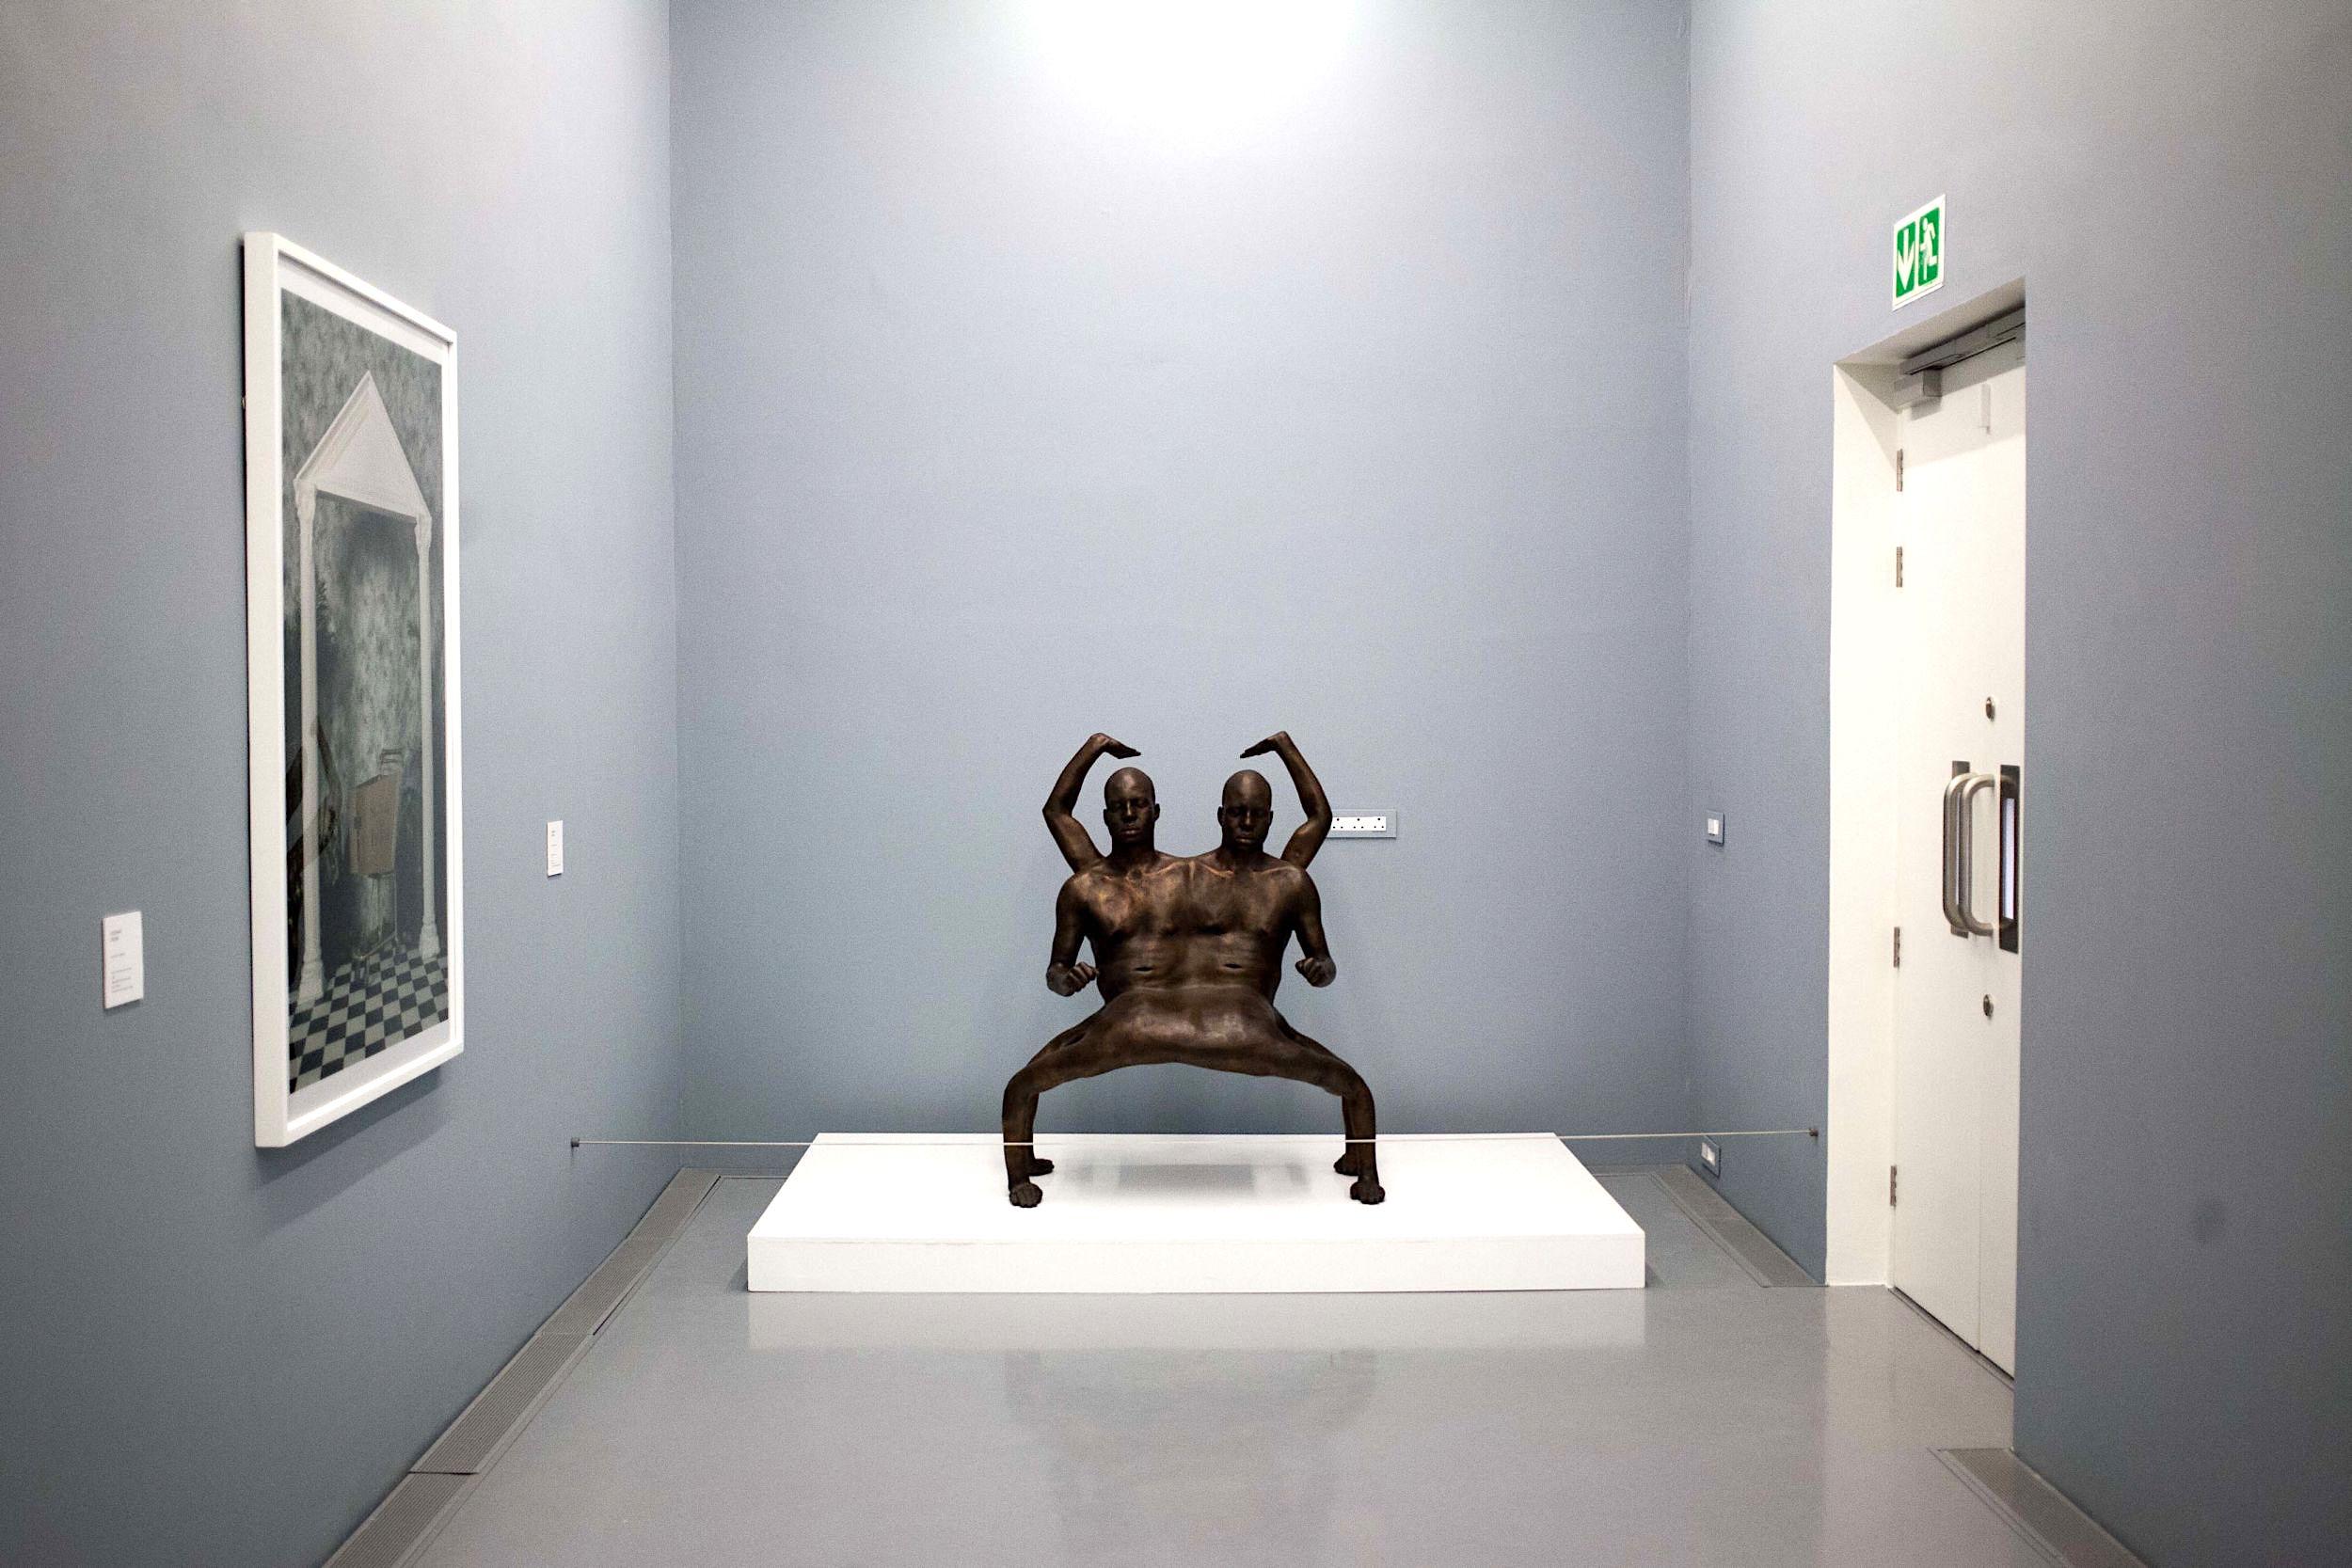 African Art, African Art Museum, Zeitz Mocaa, Contemporary Art, KOLUMN Magazine, KOLUMN